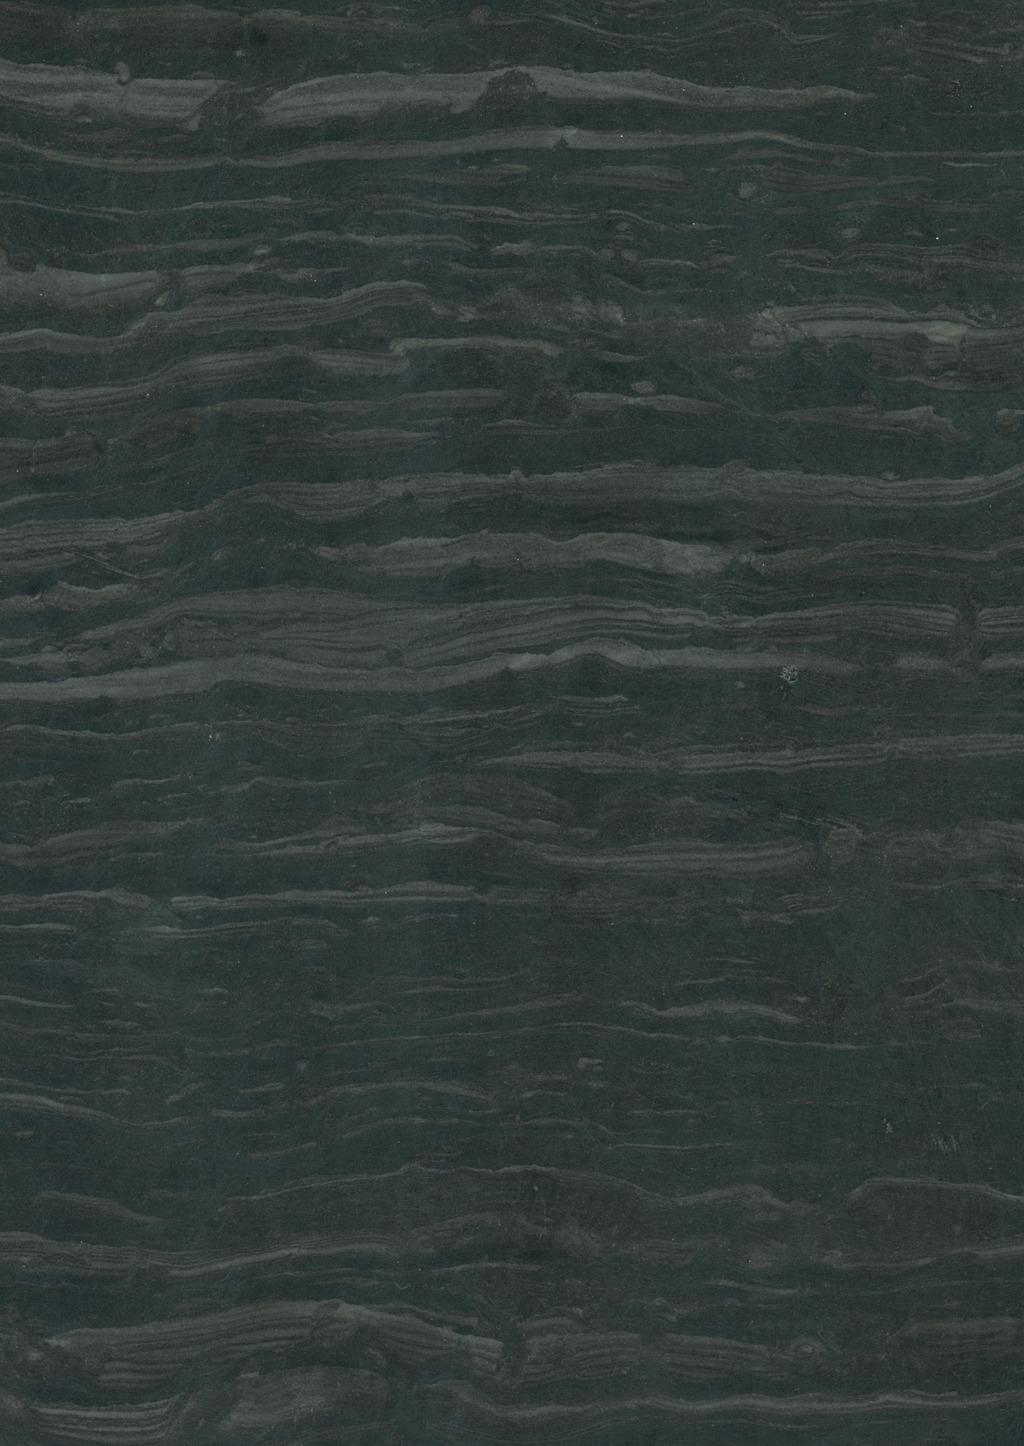 巴西黑木纹石材纹理材质贴图